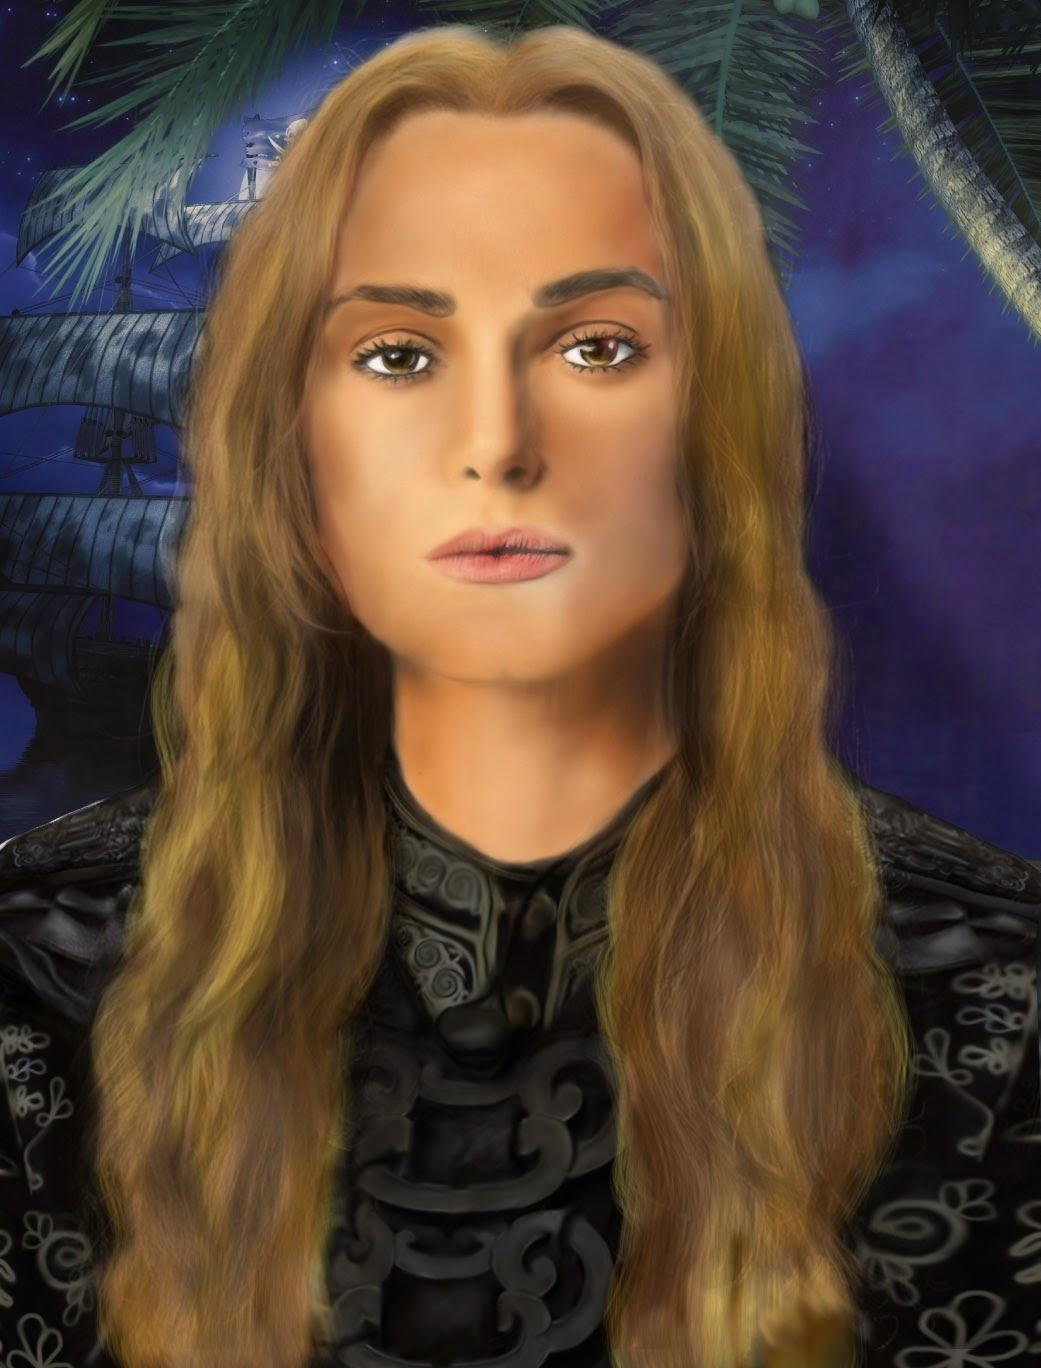 ELIZABETH SWAN - PIRATAS  DEL CARIBE